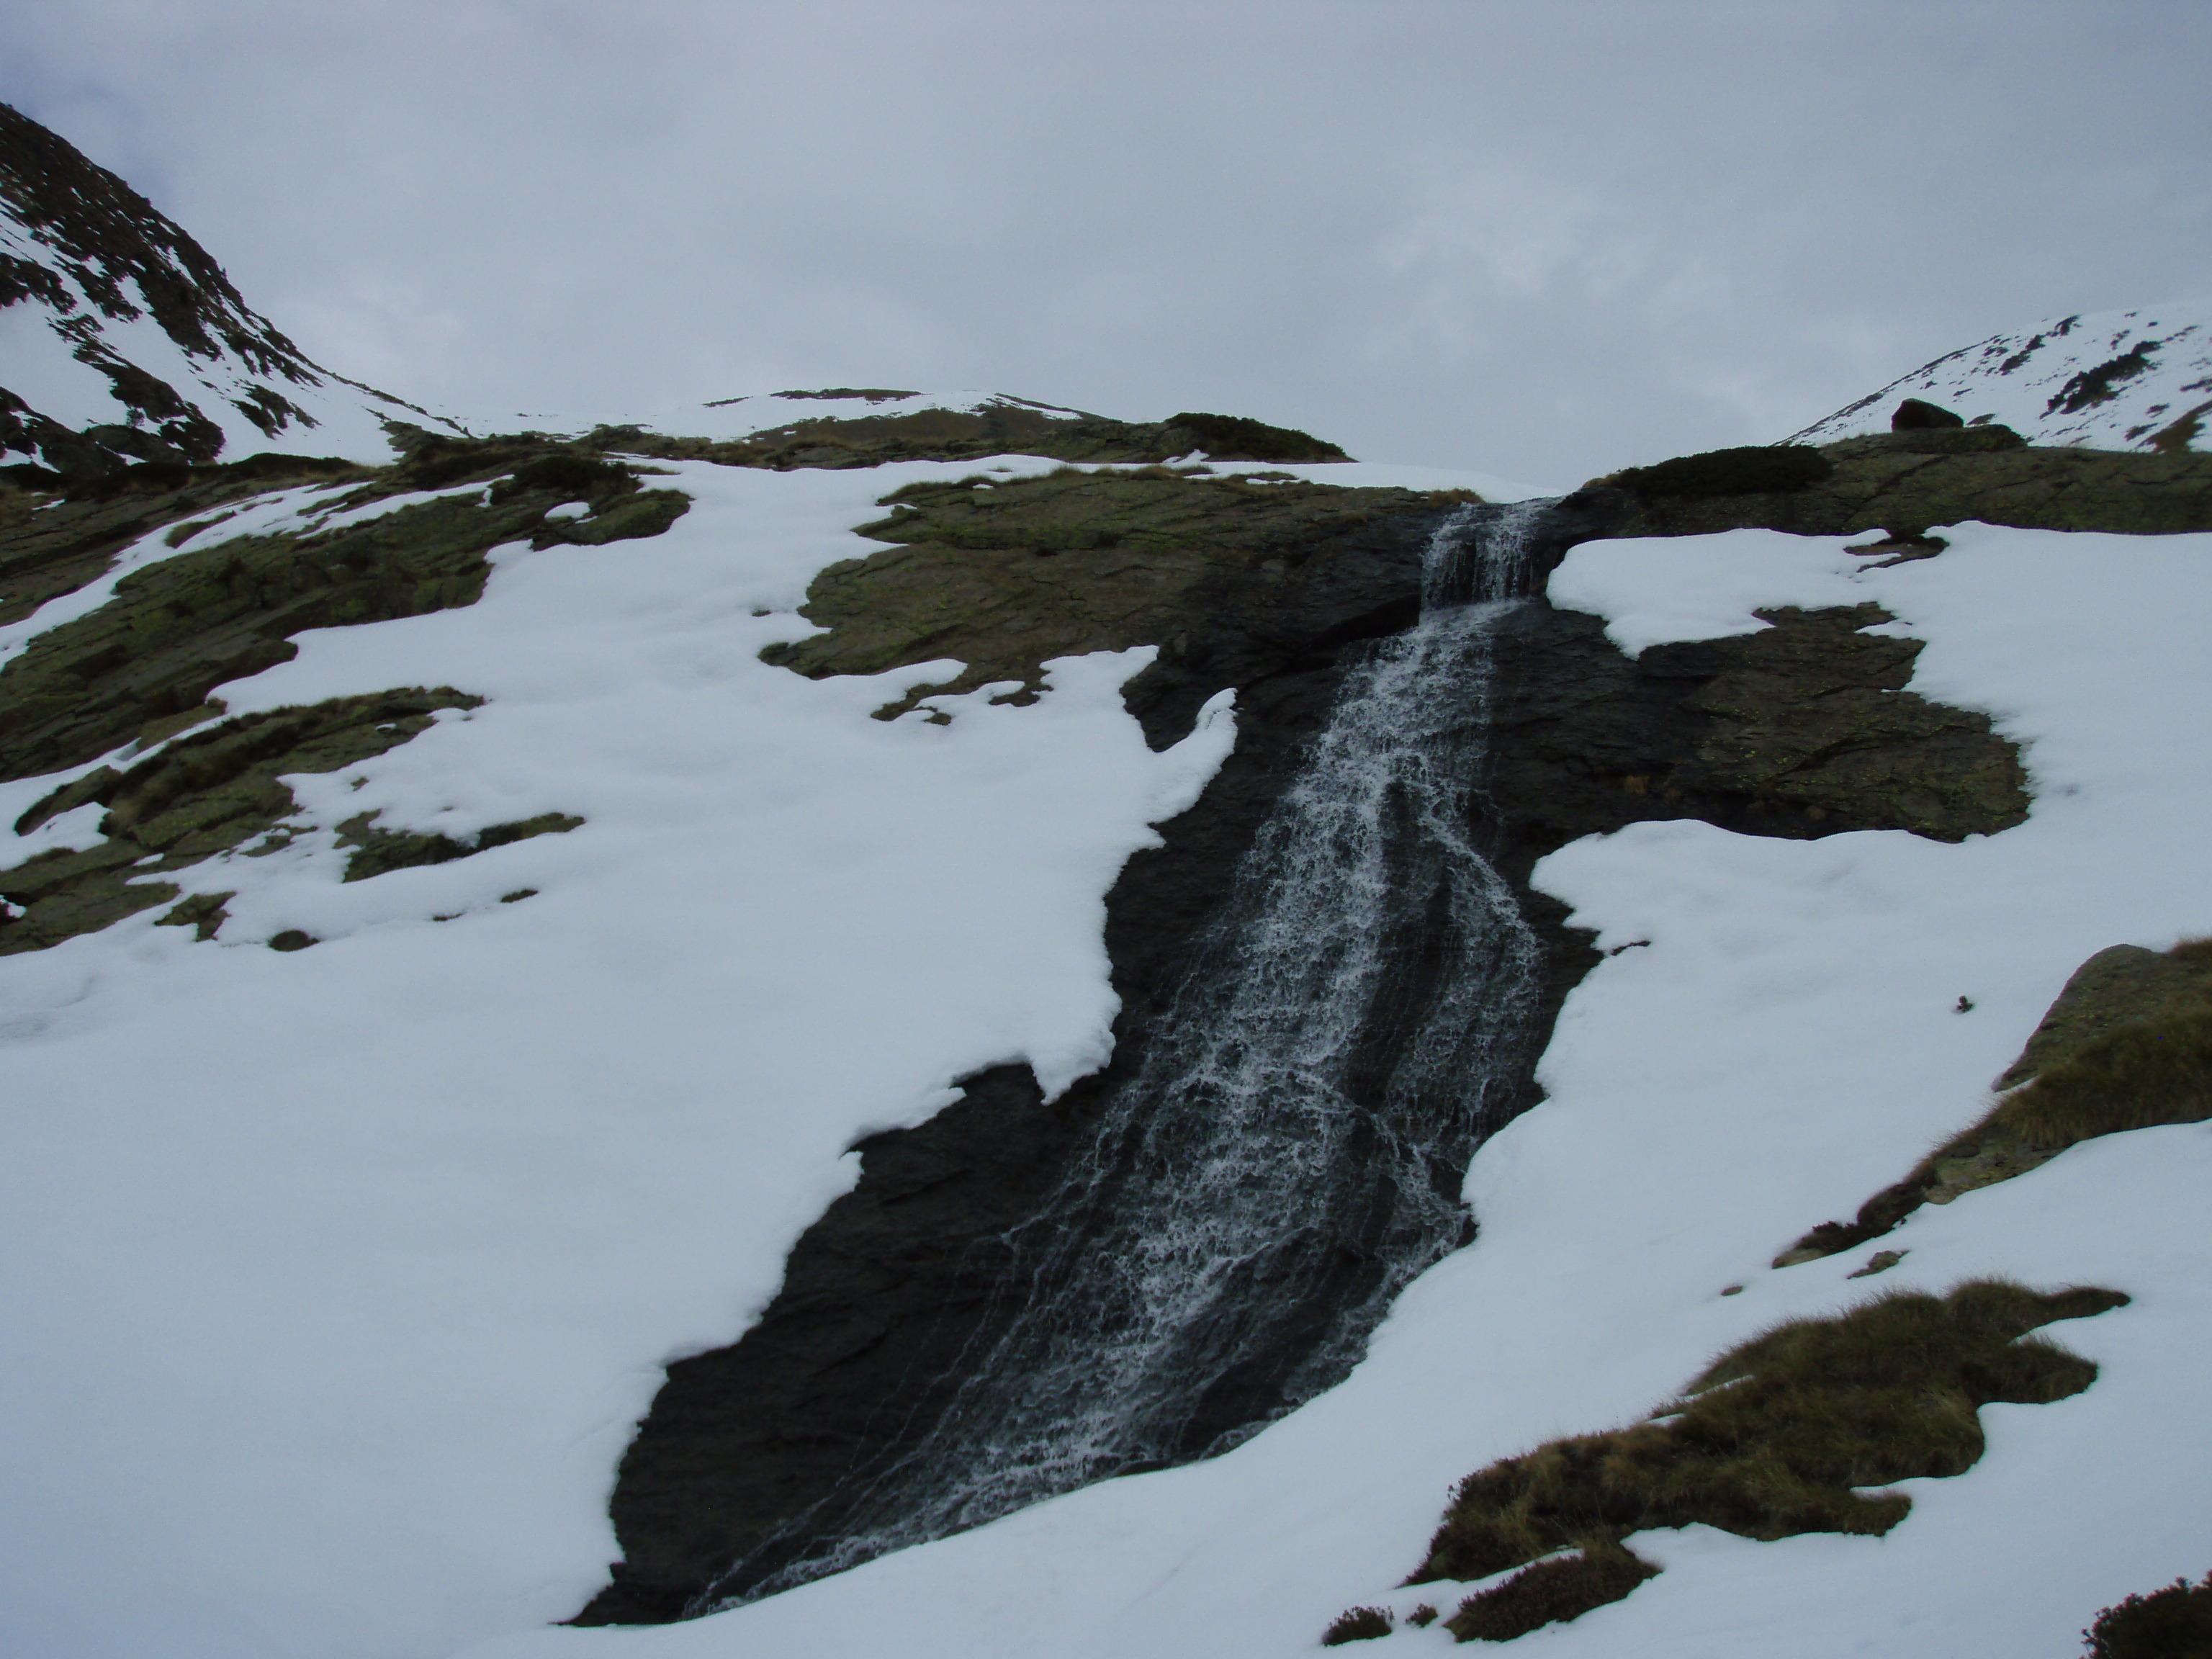 Cascada per la zona de Coms de Jan (Vall de Ransol) - Andrea Sinfreu